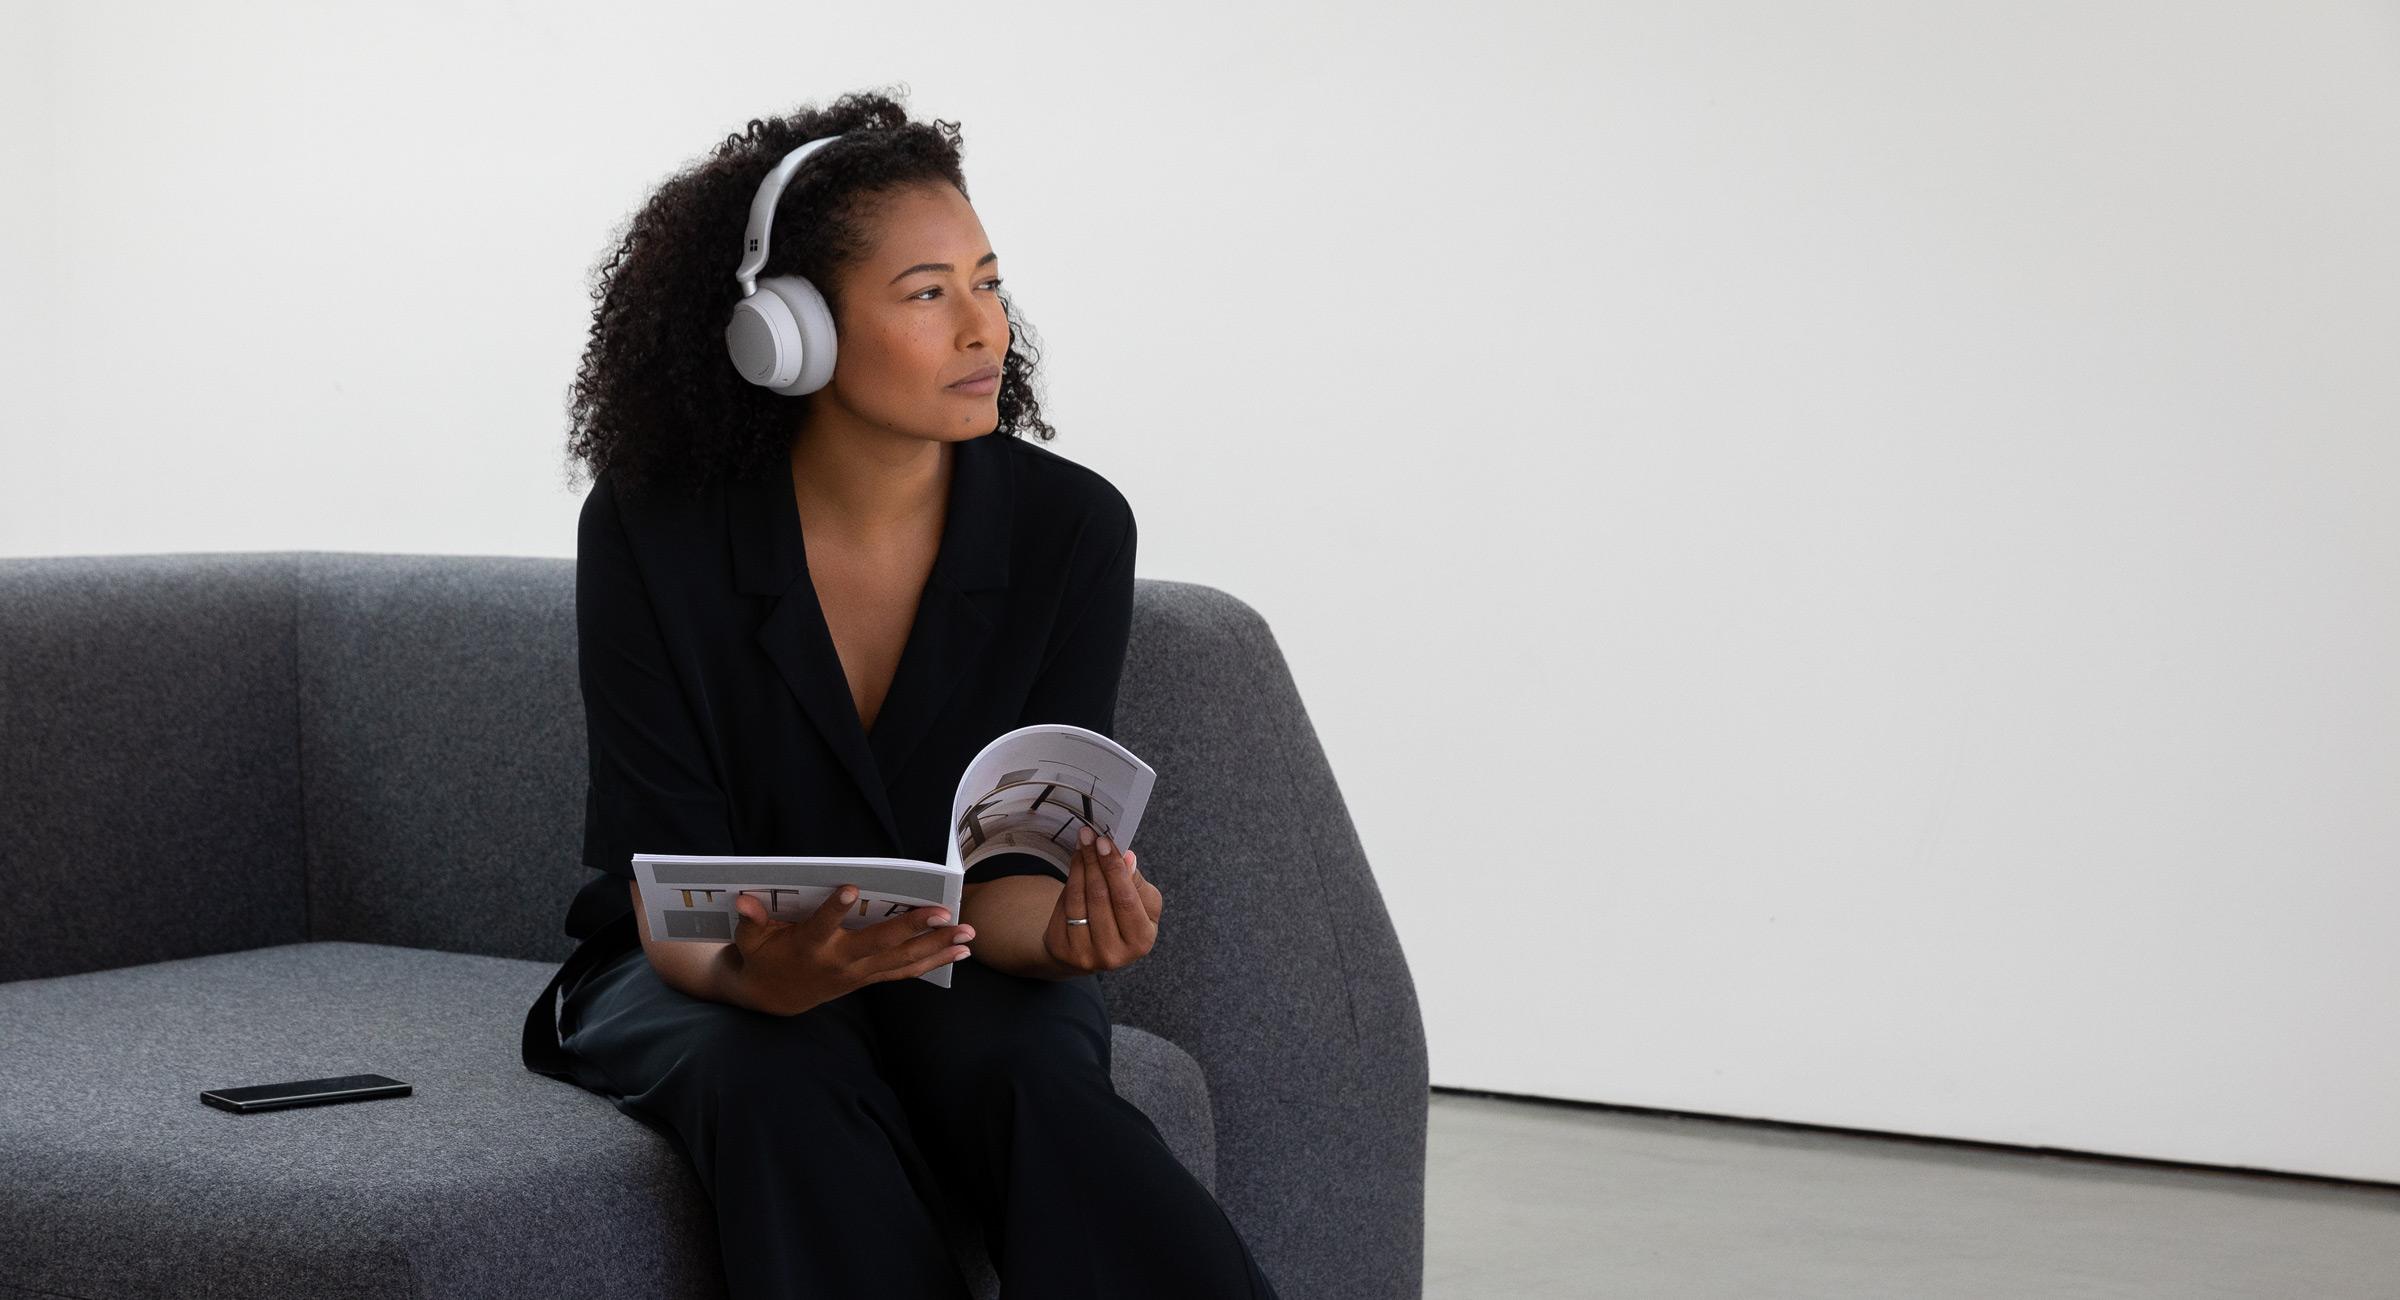 女人坐在长沙发上聆听 Surface Headphones